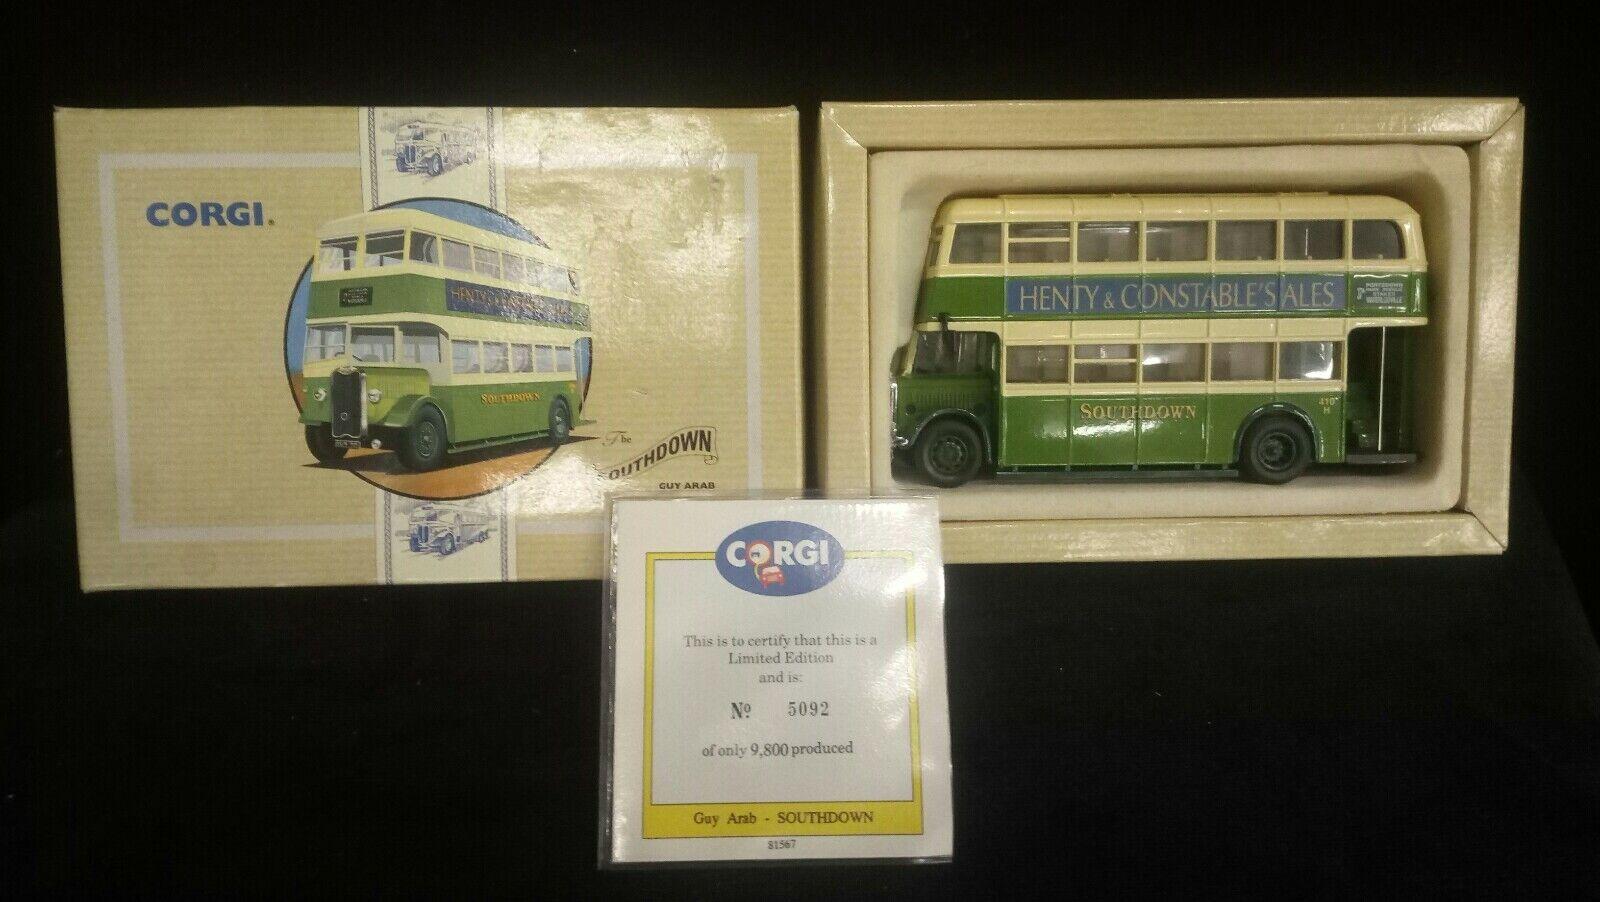 moda modellolino Autoautobus Corgi , , , giocattoli vintage , Autoautobus giocattolo in mettuttio  economico in alta qualità